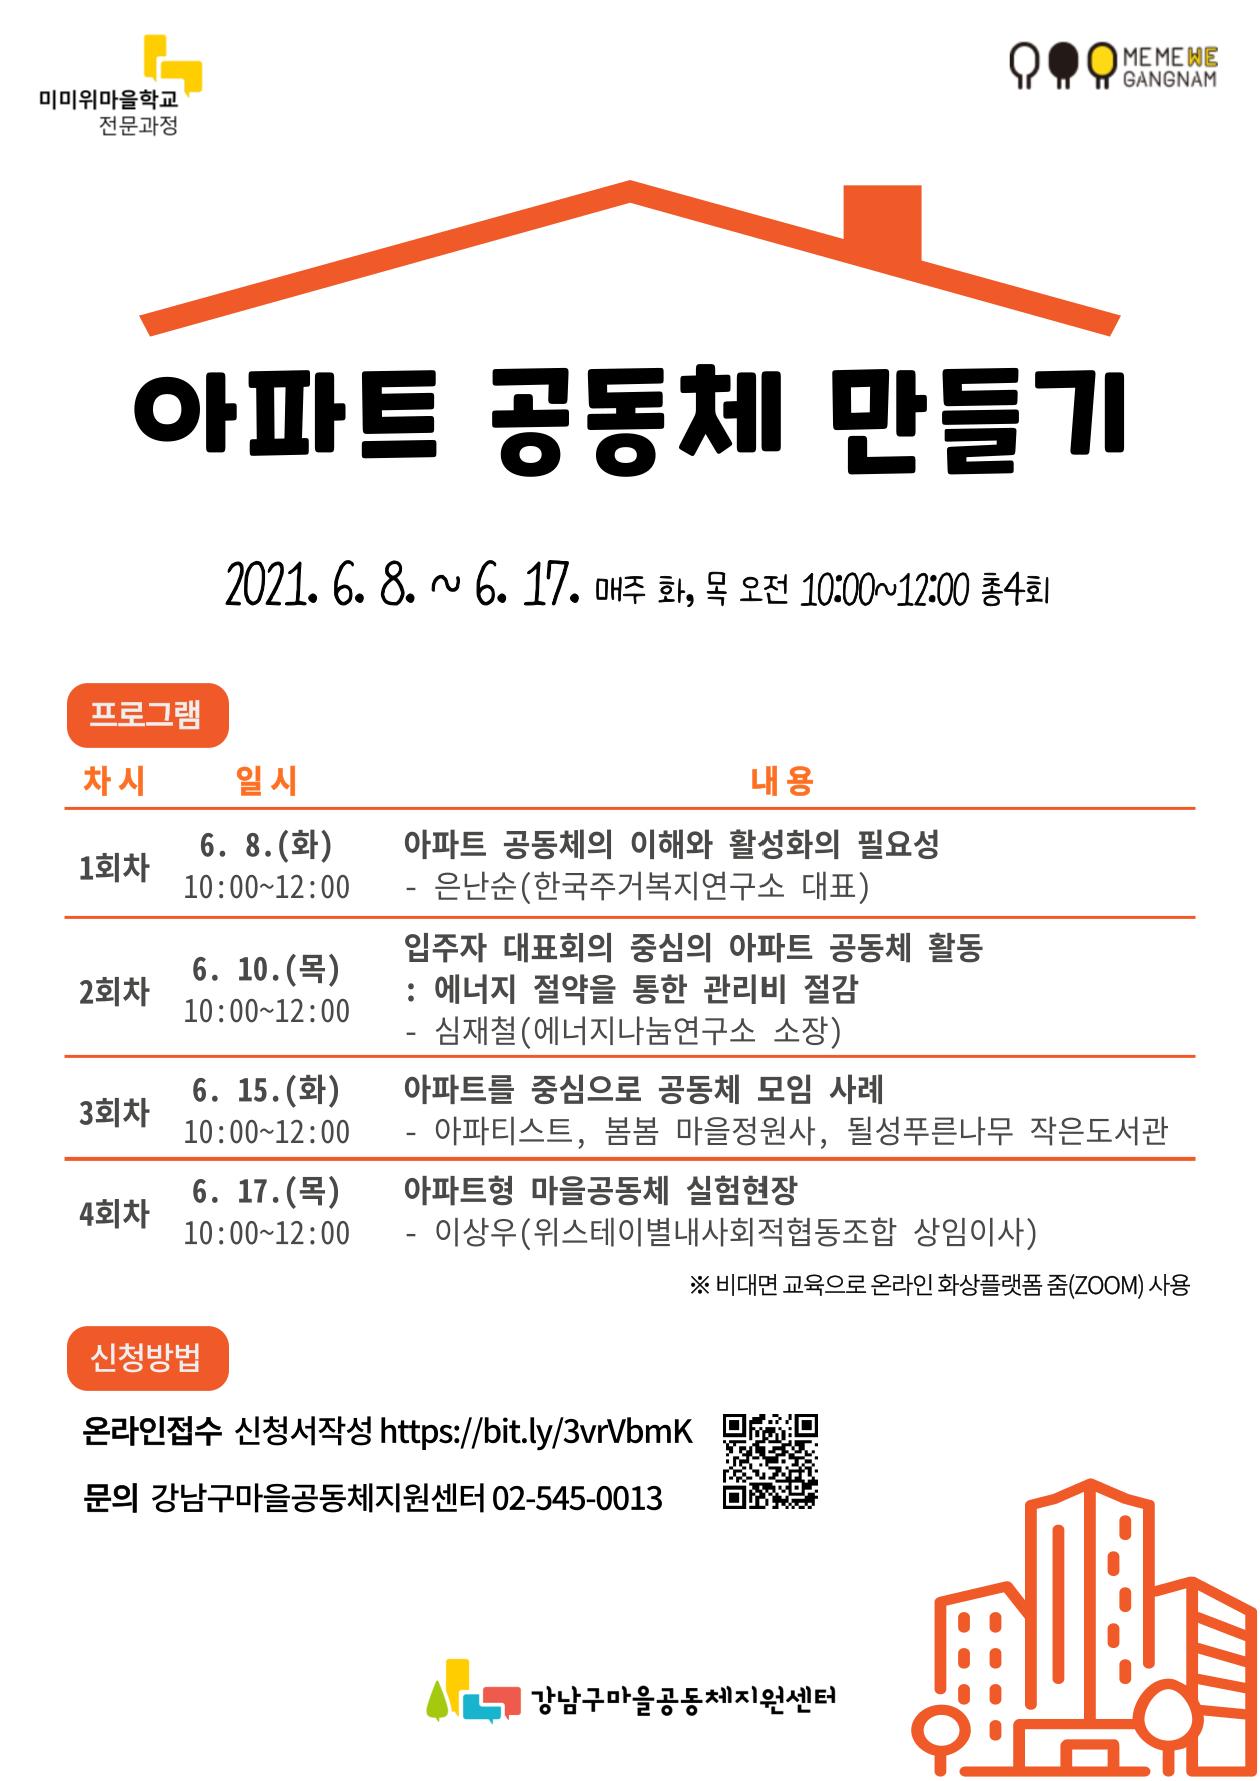 강남구 '아파트 공동체 만들기' 온택트 강연 구민 호응